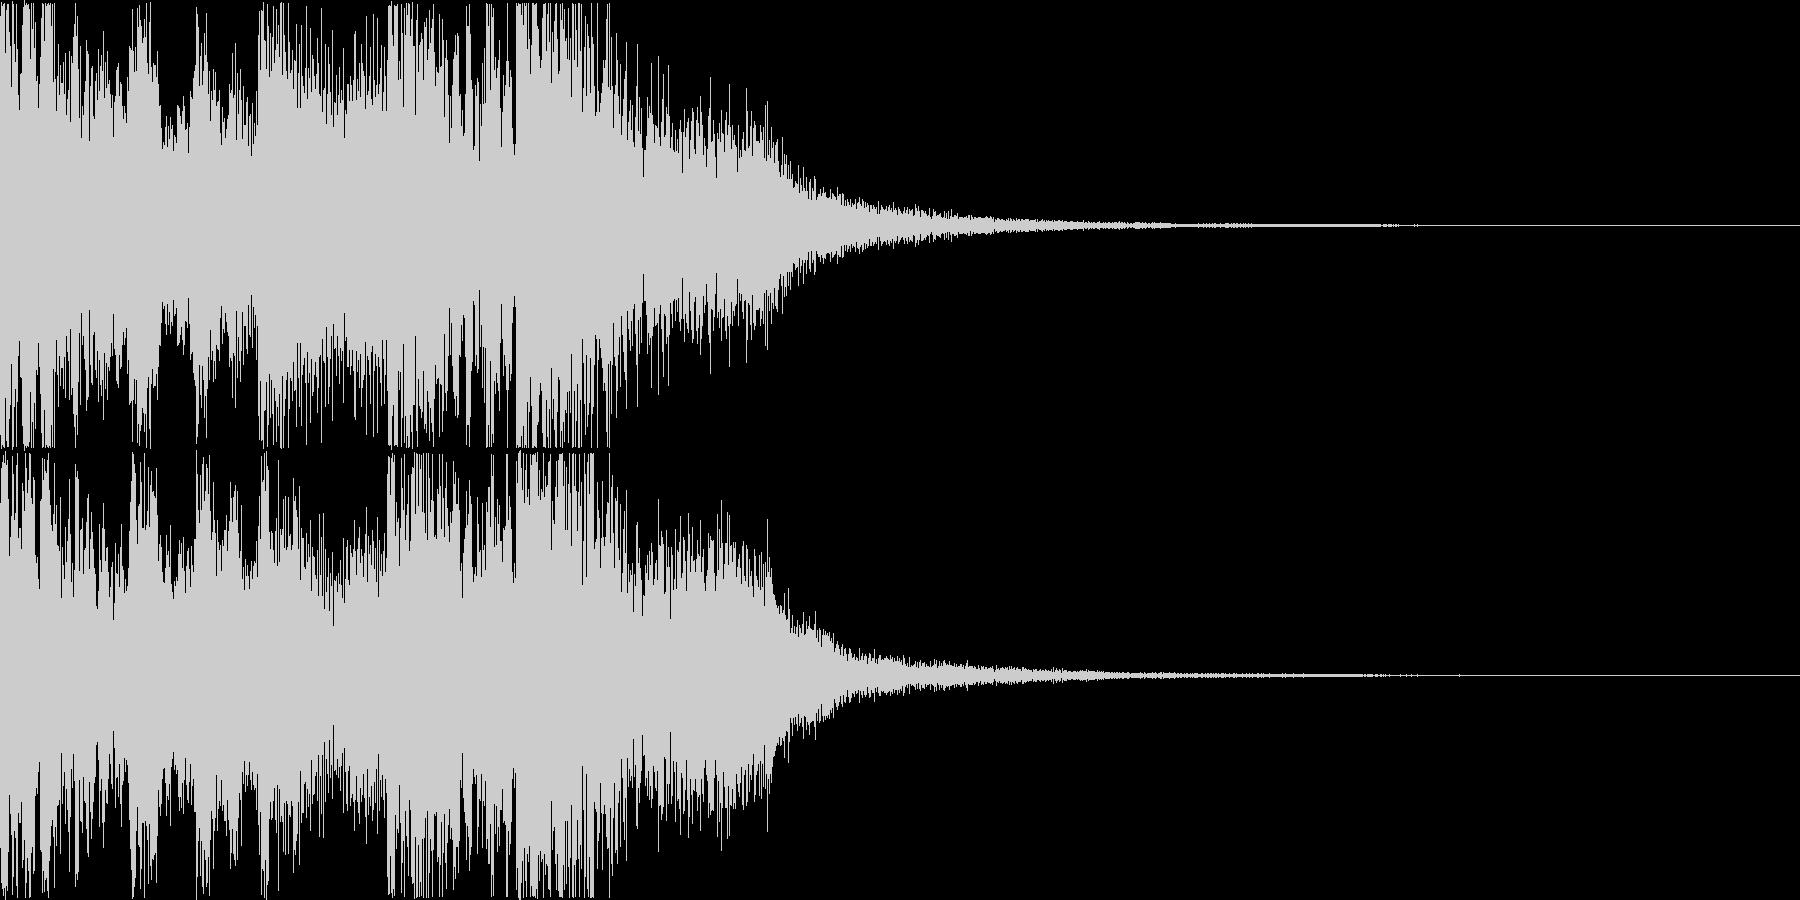 三味線・箏・尺八・和太鼓・ジングル01の未再生の波形